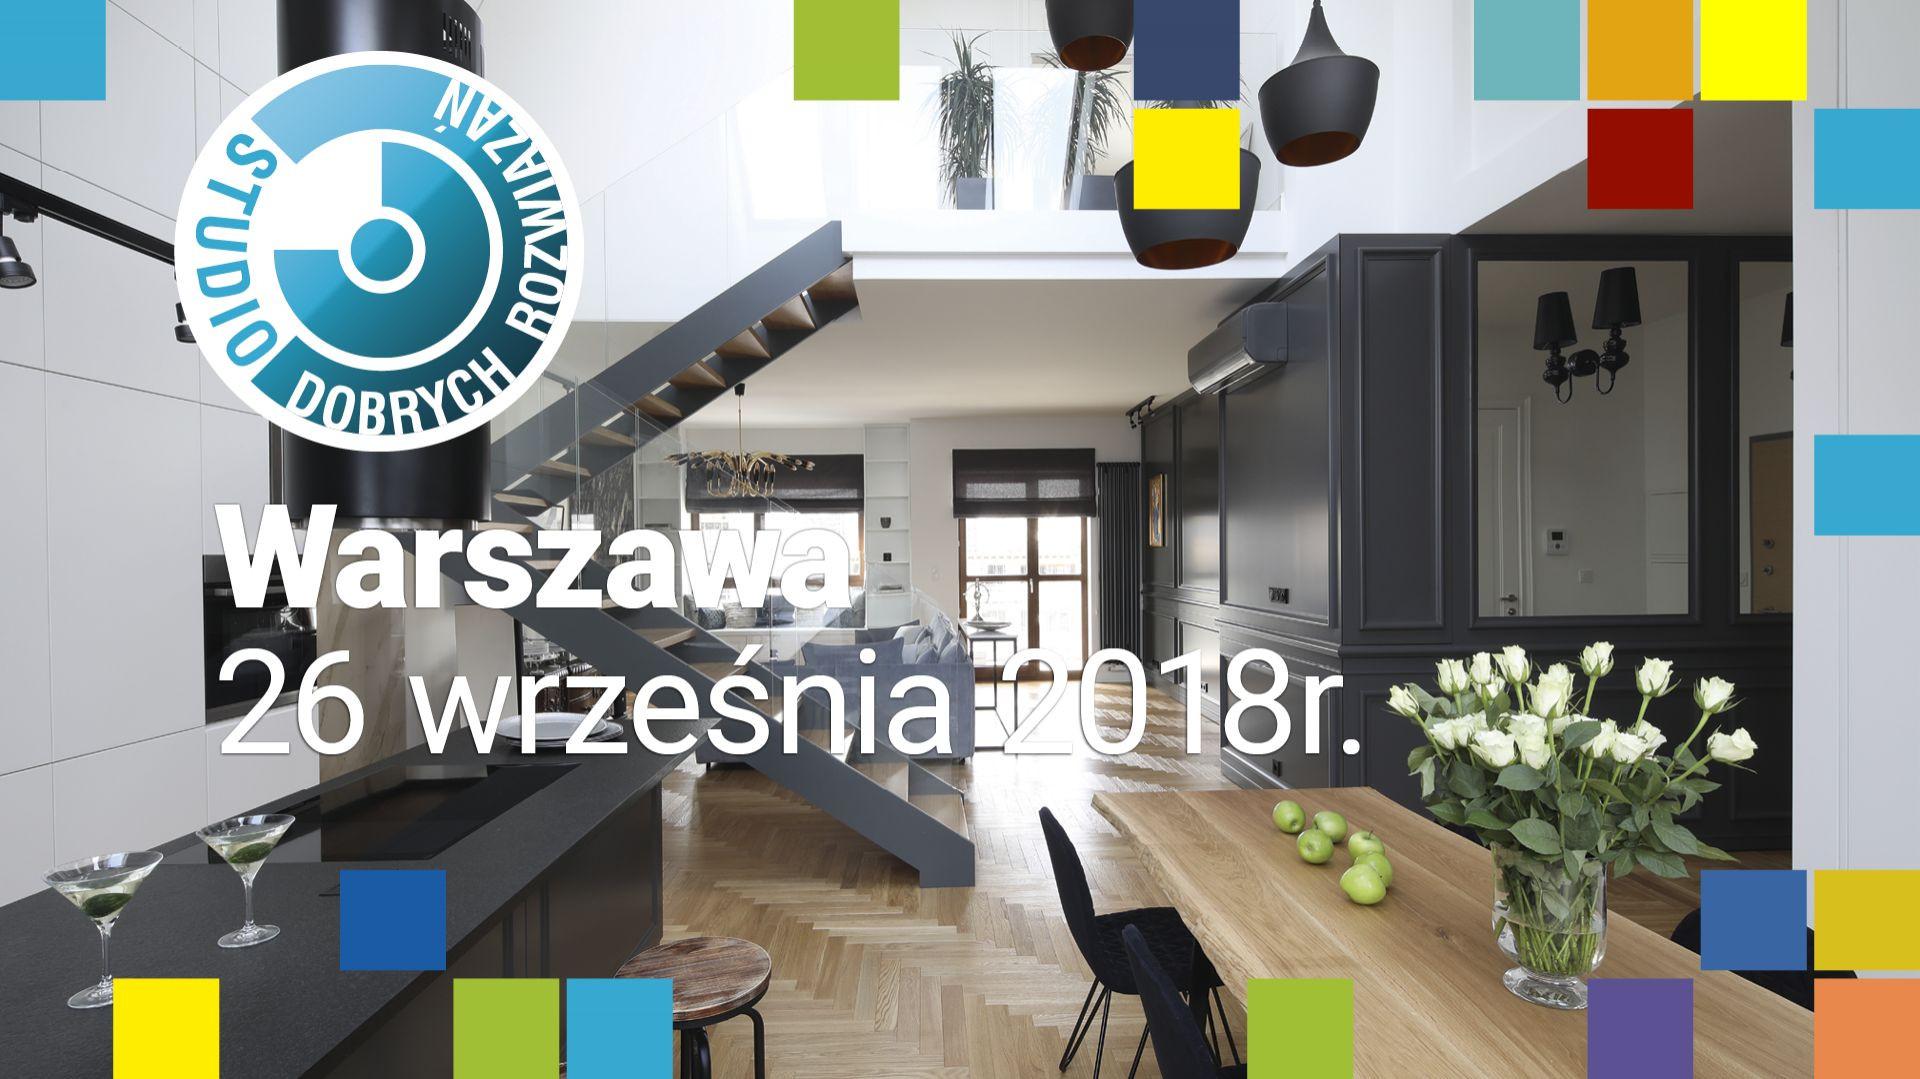 Studio Dobrych Rozwiązań odbędzie się w Warszawie 26 września 2018 r.